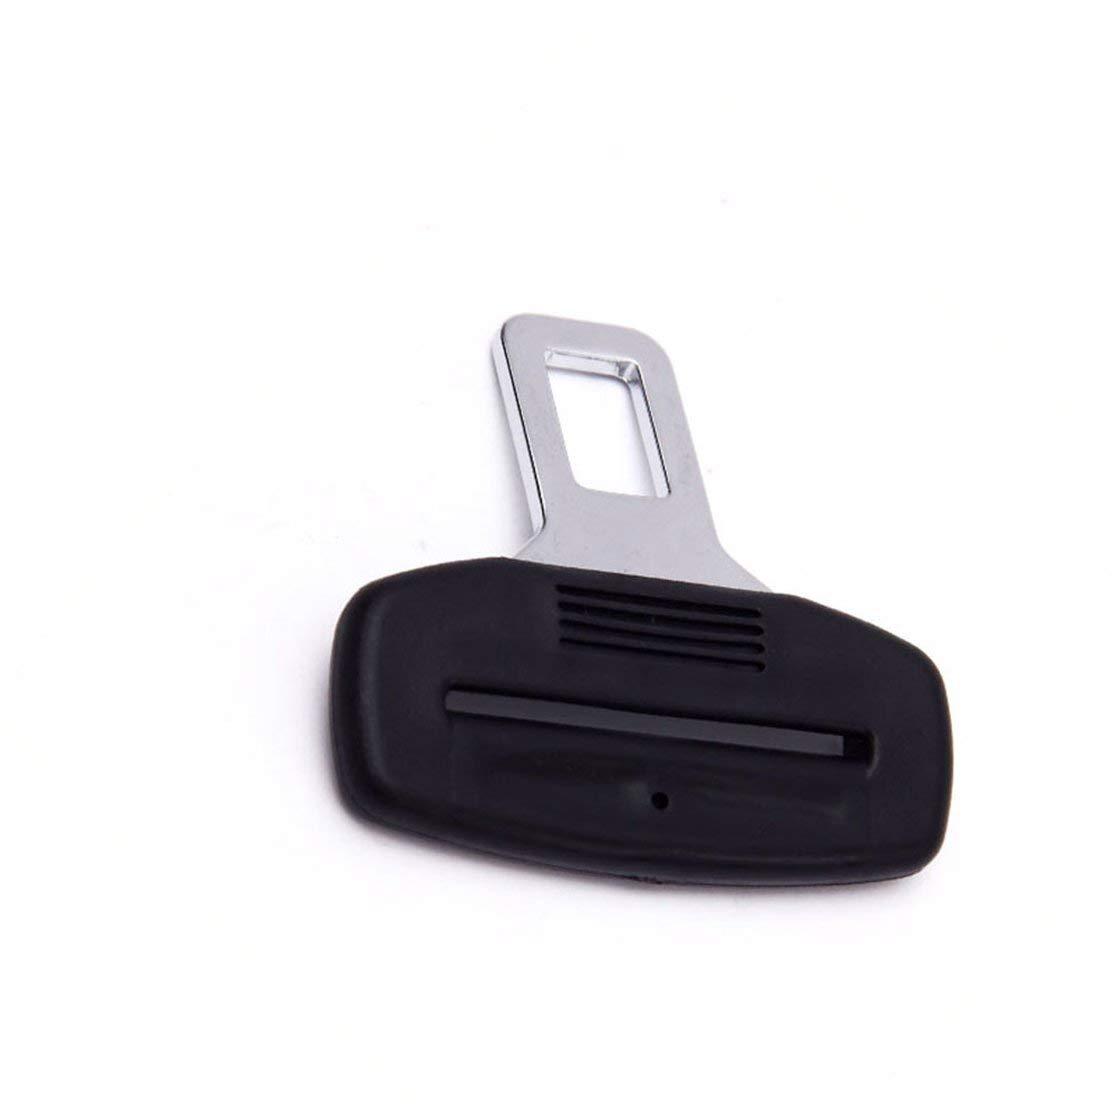 LouiseEvel215 Parti di Automobili di Sicurezza Plastica di Sicurezza per Auto Cintura di Sicurezza Fermo Spaziatura Fibbia Fermo Pulsante di Arresto della Cintura di Sicurezza